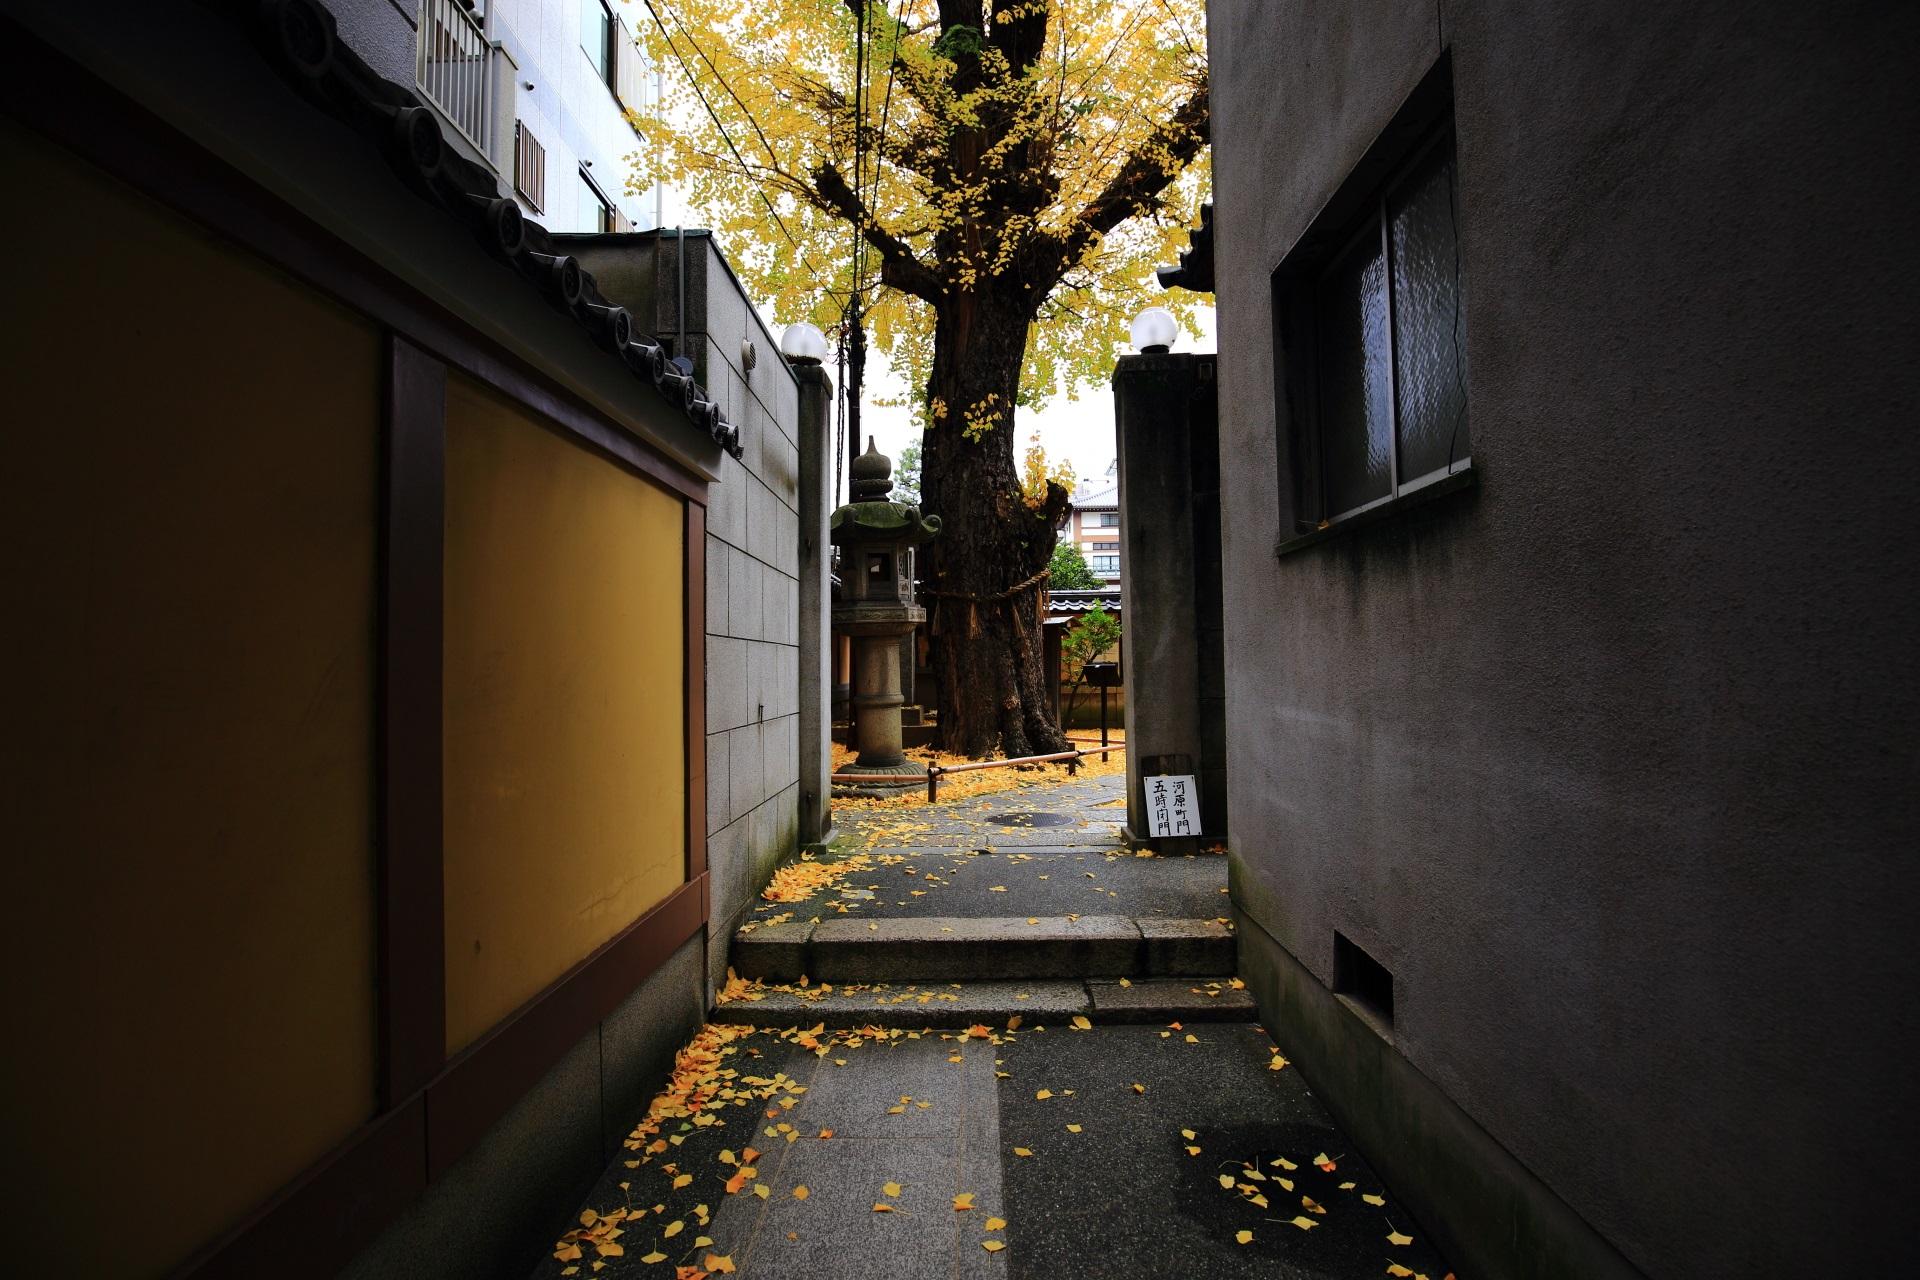 河原町通側の入口からも見える本能寺の大銀杏